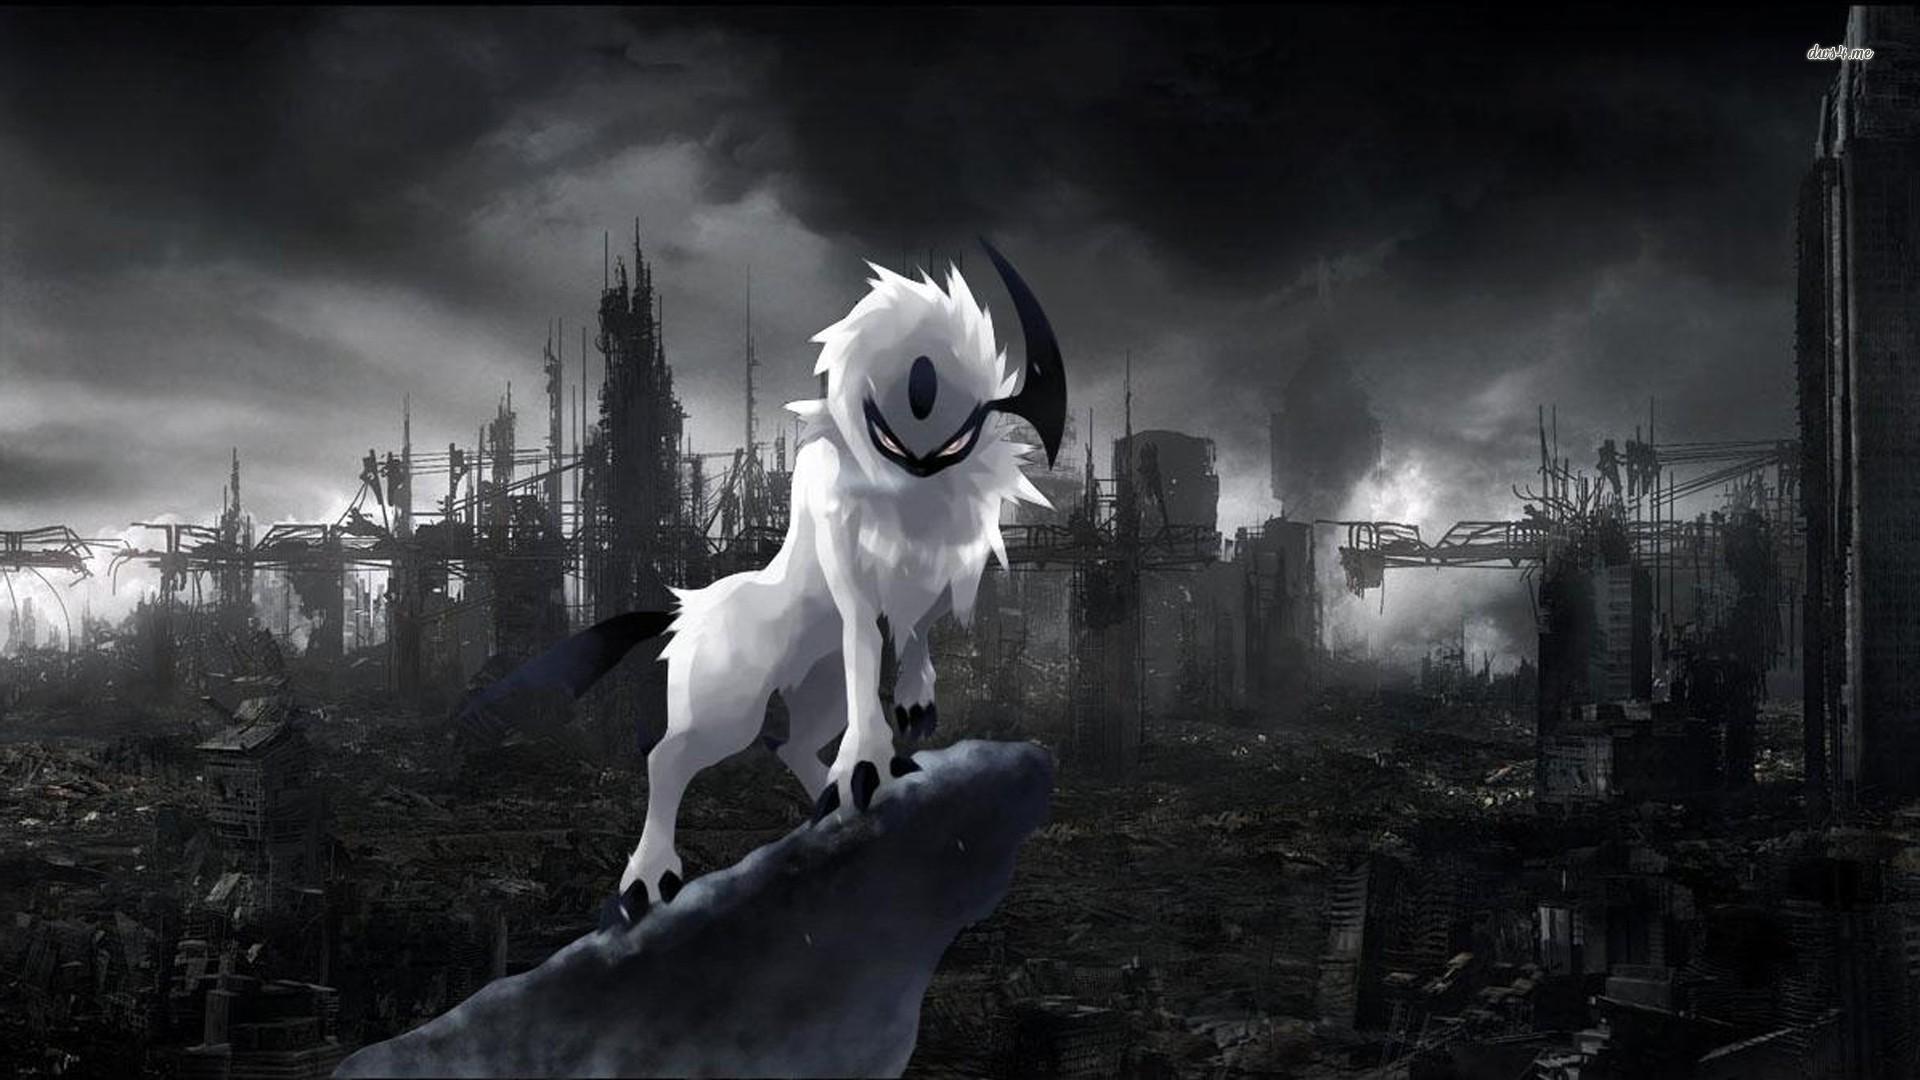 Hình nền anime đen trắng cực đẹp